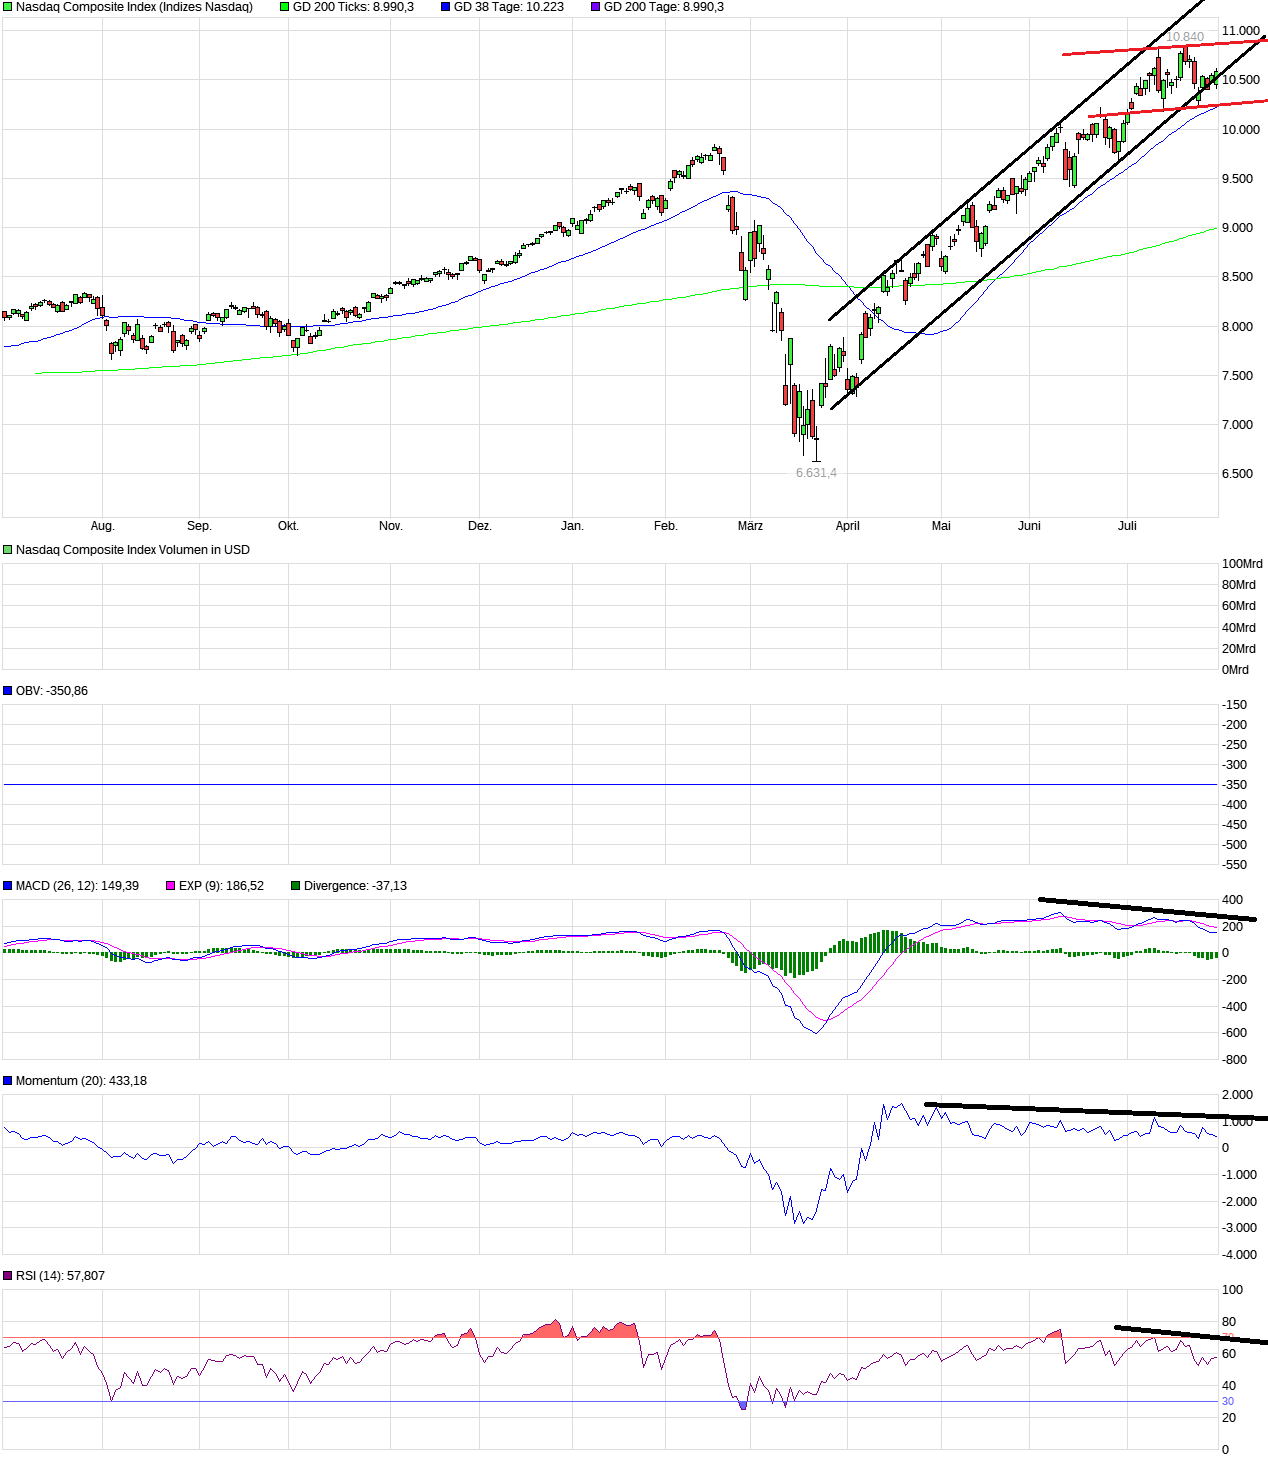 chart_year_nasdaqcompositeindex.png